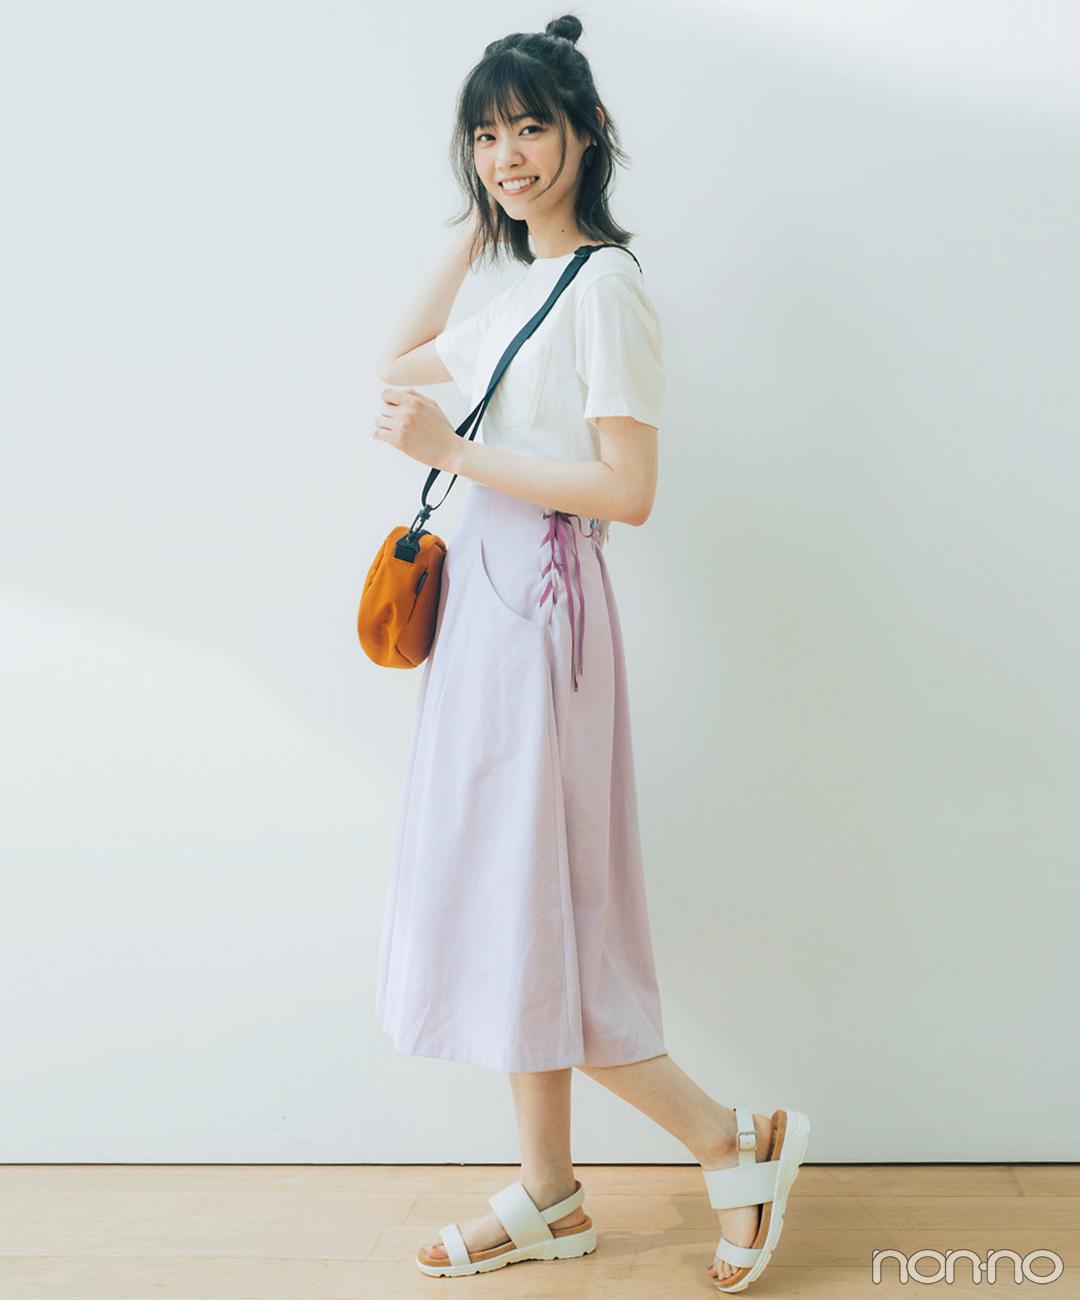 西野七瀬は白Tシャツ&白サンダルでスポミックスコーデ【毎日コーデ】